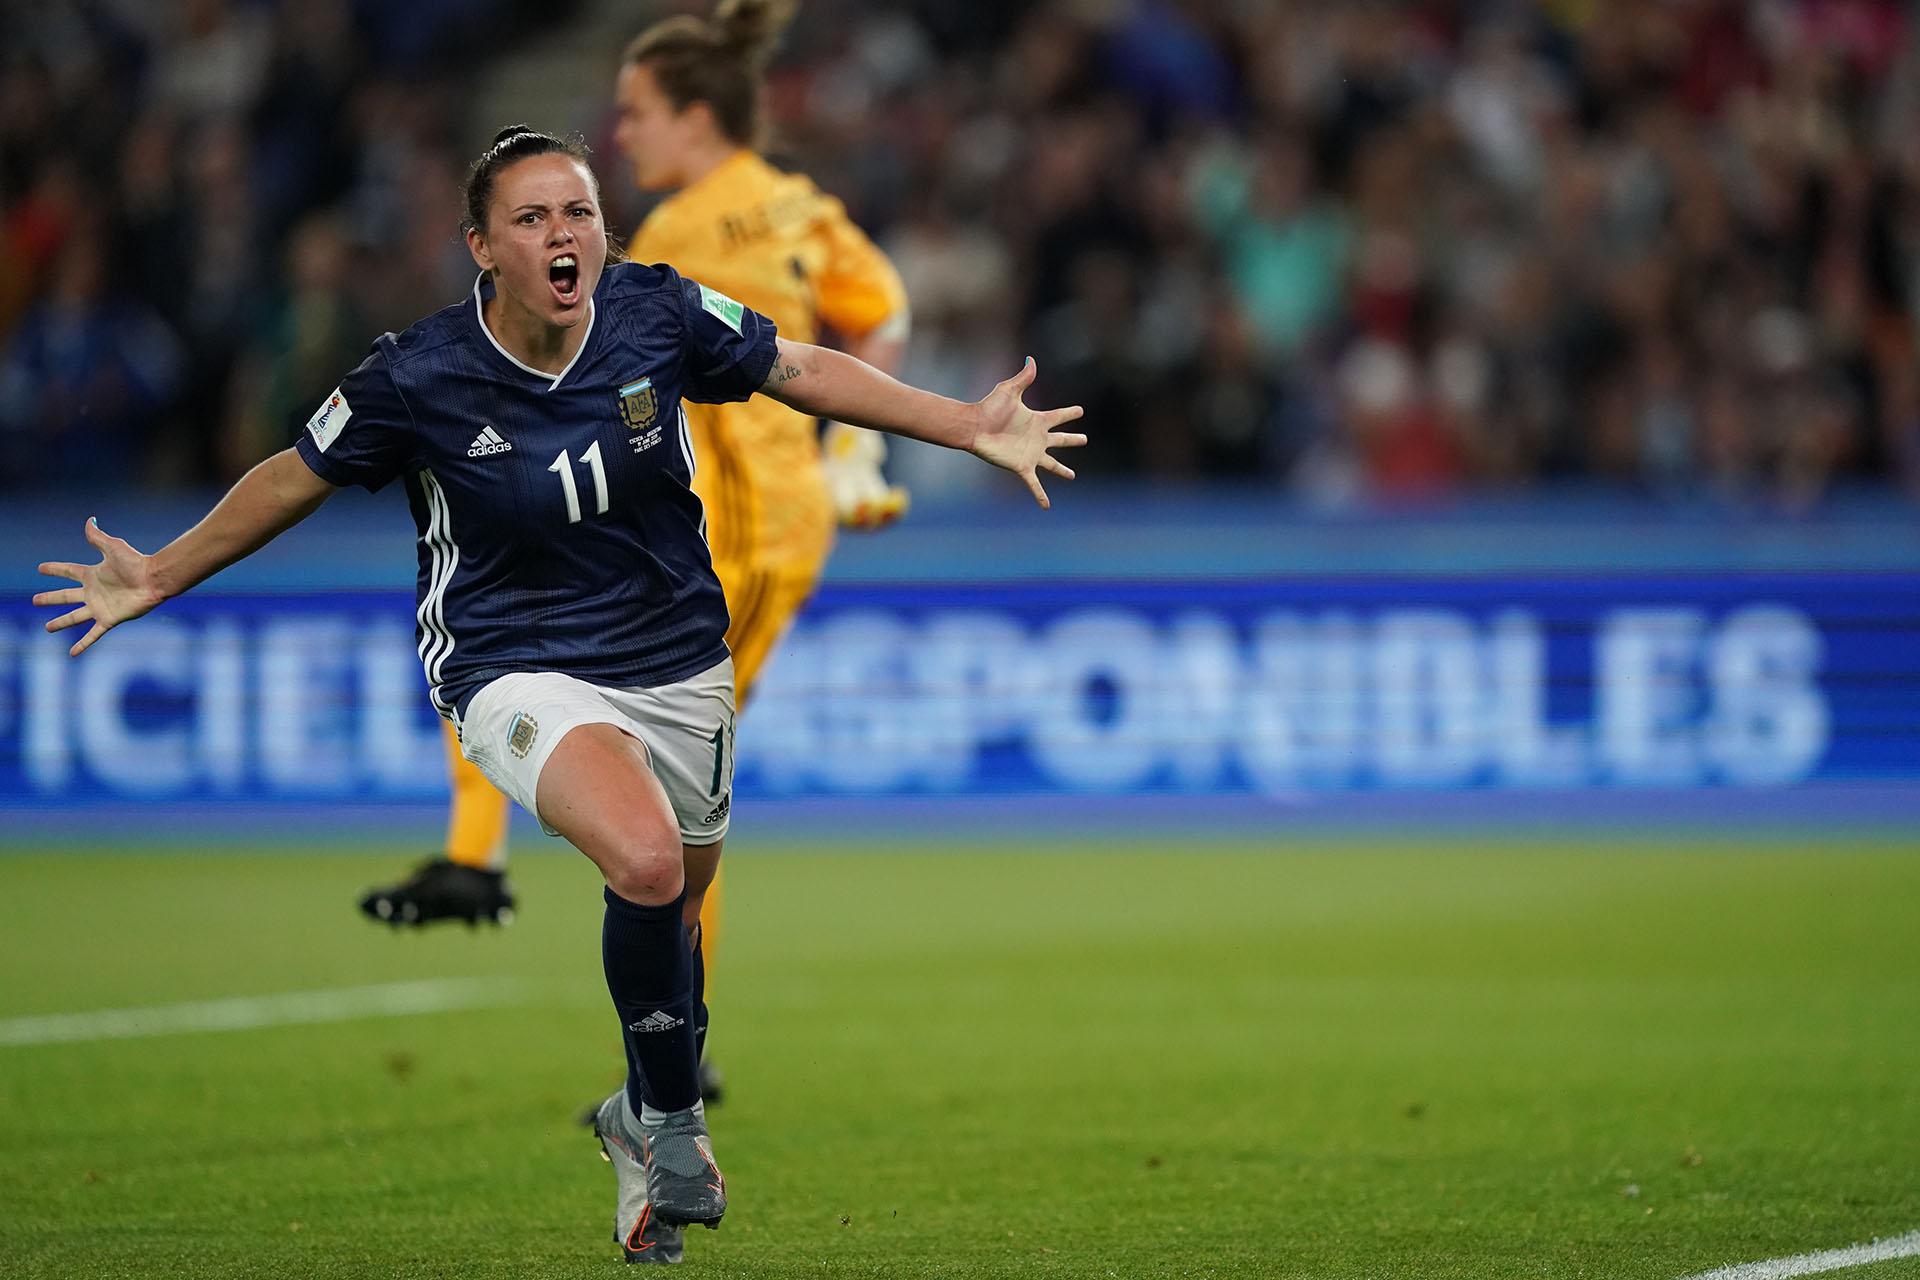 De confirmarse el pase a los octavos de final, las chicas se medirán ante Alemania